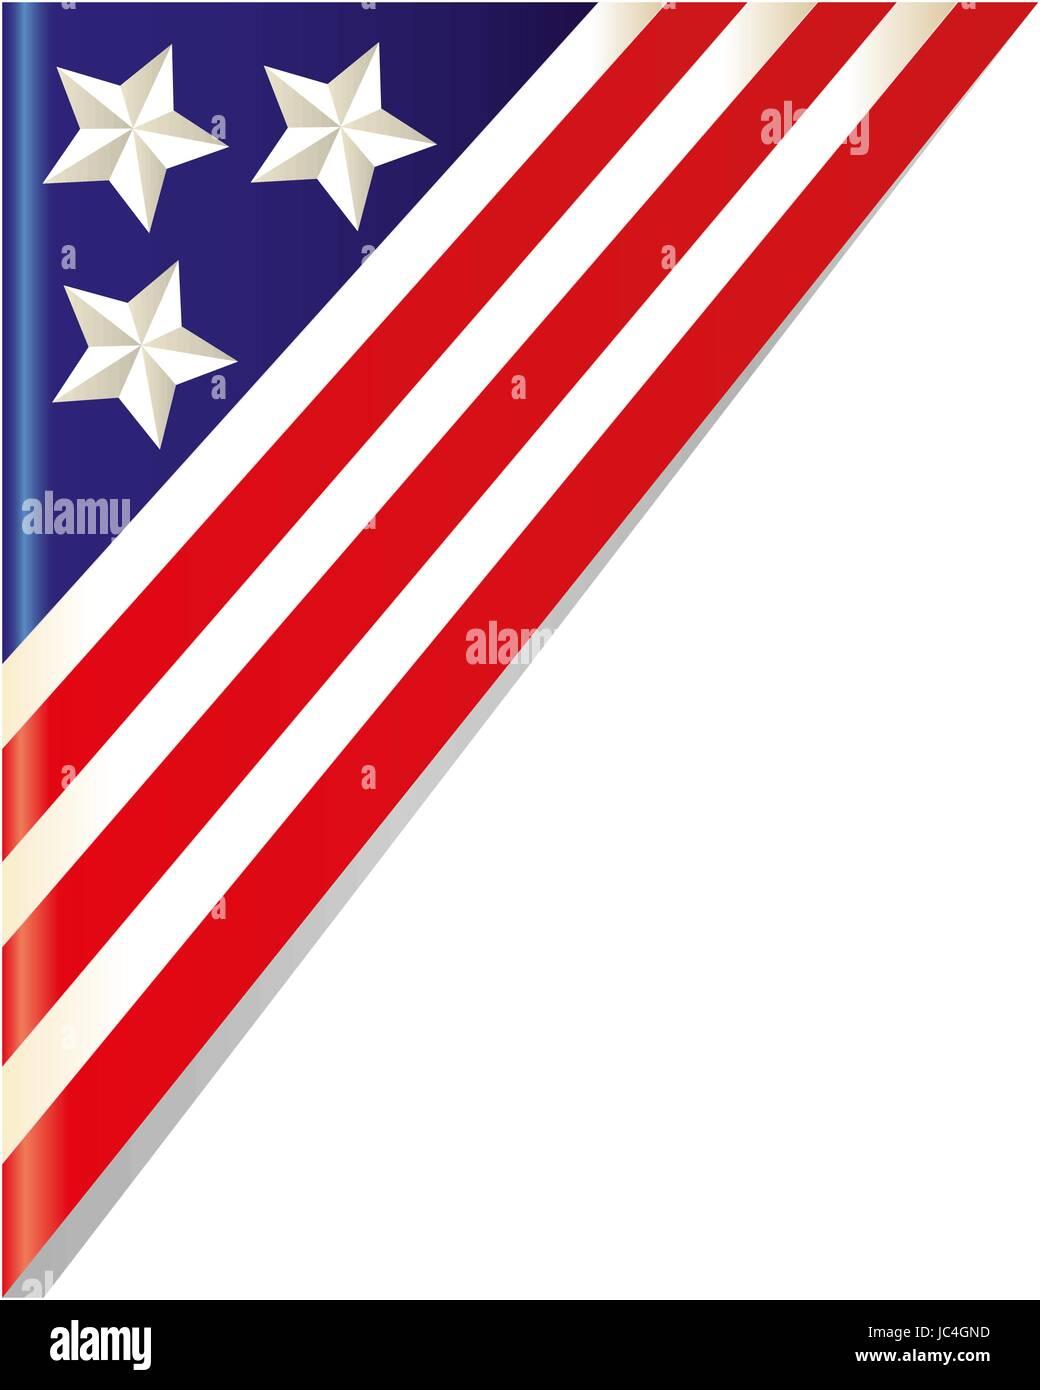 Beste Flagge Der Vereinigten Staaten Vorlage Ideen - Beispiel ...